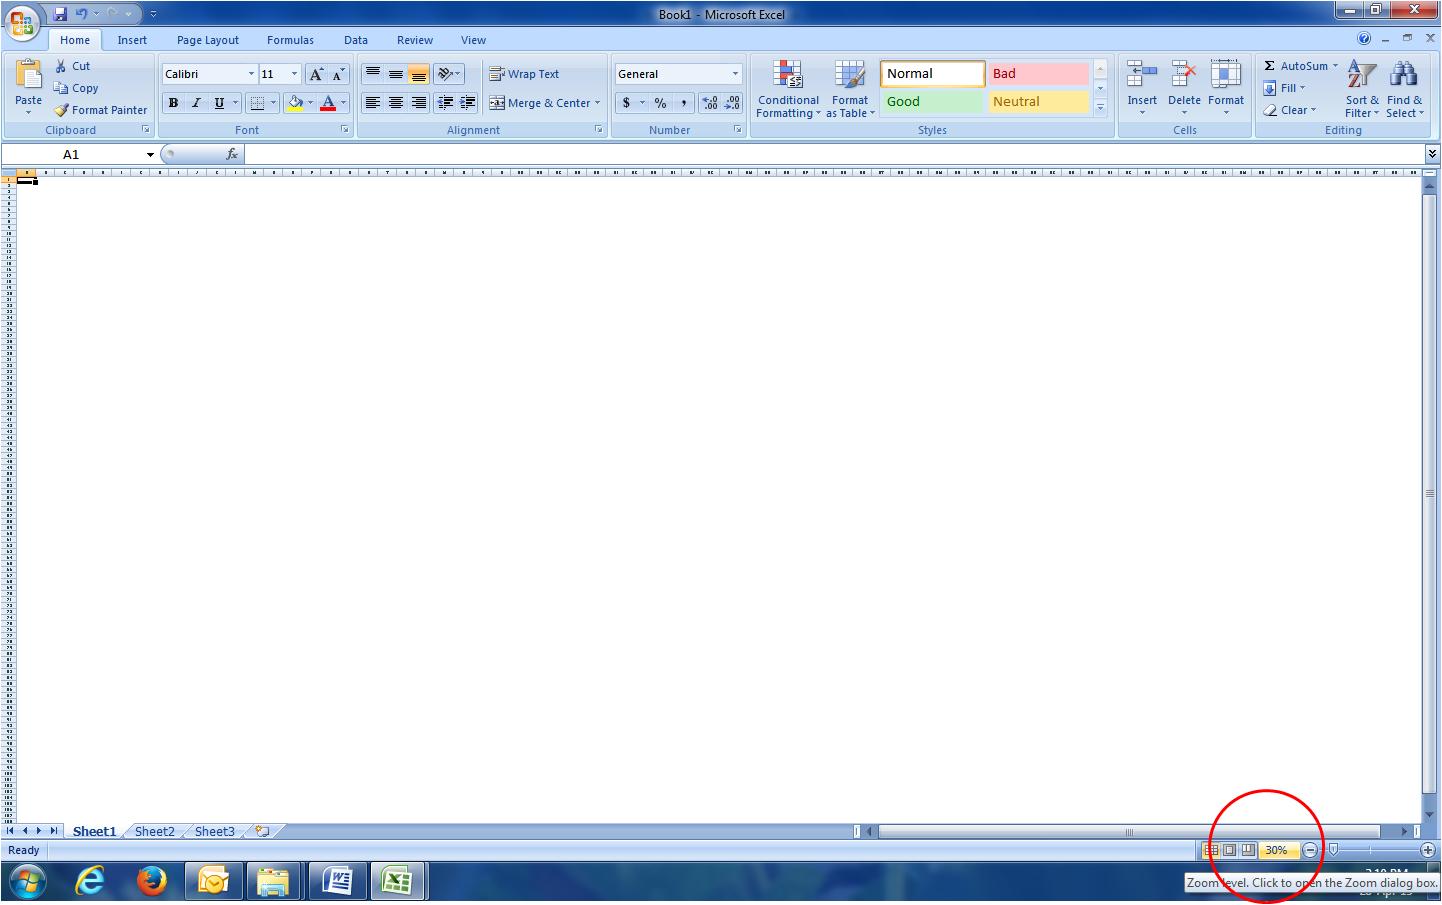 Worksheet Header Excel